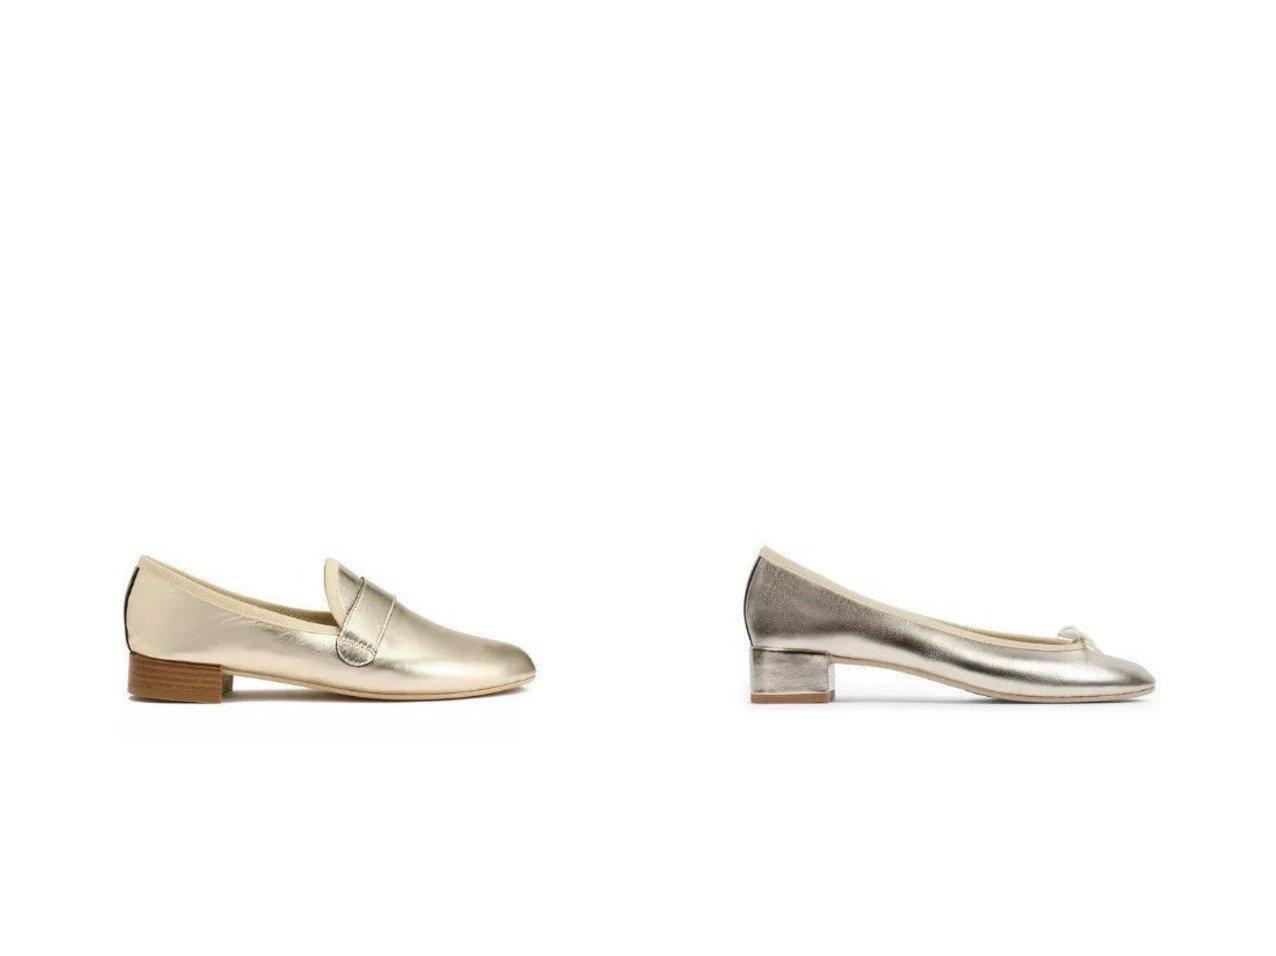 【repetto/レペット】のLou Ballerinas&Maestro Loafers repettoのおすすめ!人気、トレンド・レディースファッションの通販 おすすめで人気の流行・トレンド、ファッションの通販商品 メンズファッション・キッズファッション・インテリア・家具・レディースファッション・服の通販 founy(ファニー) https://founy.com/ ファッション Fashion レディースファッション WOMEN シューズ フラット マニッシュ リュクス エレガント バレエ フィット レース |ID:crp329100000019114